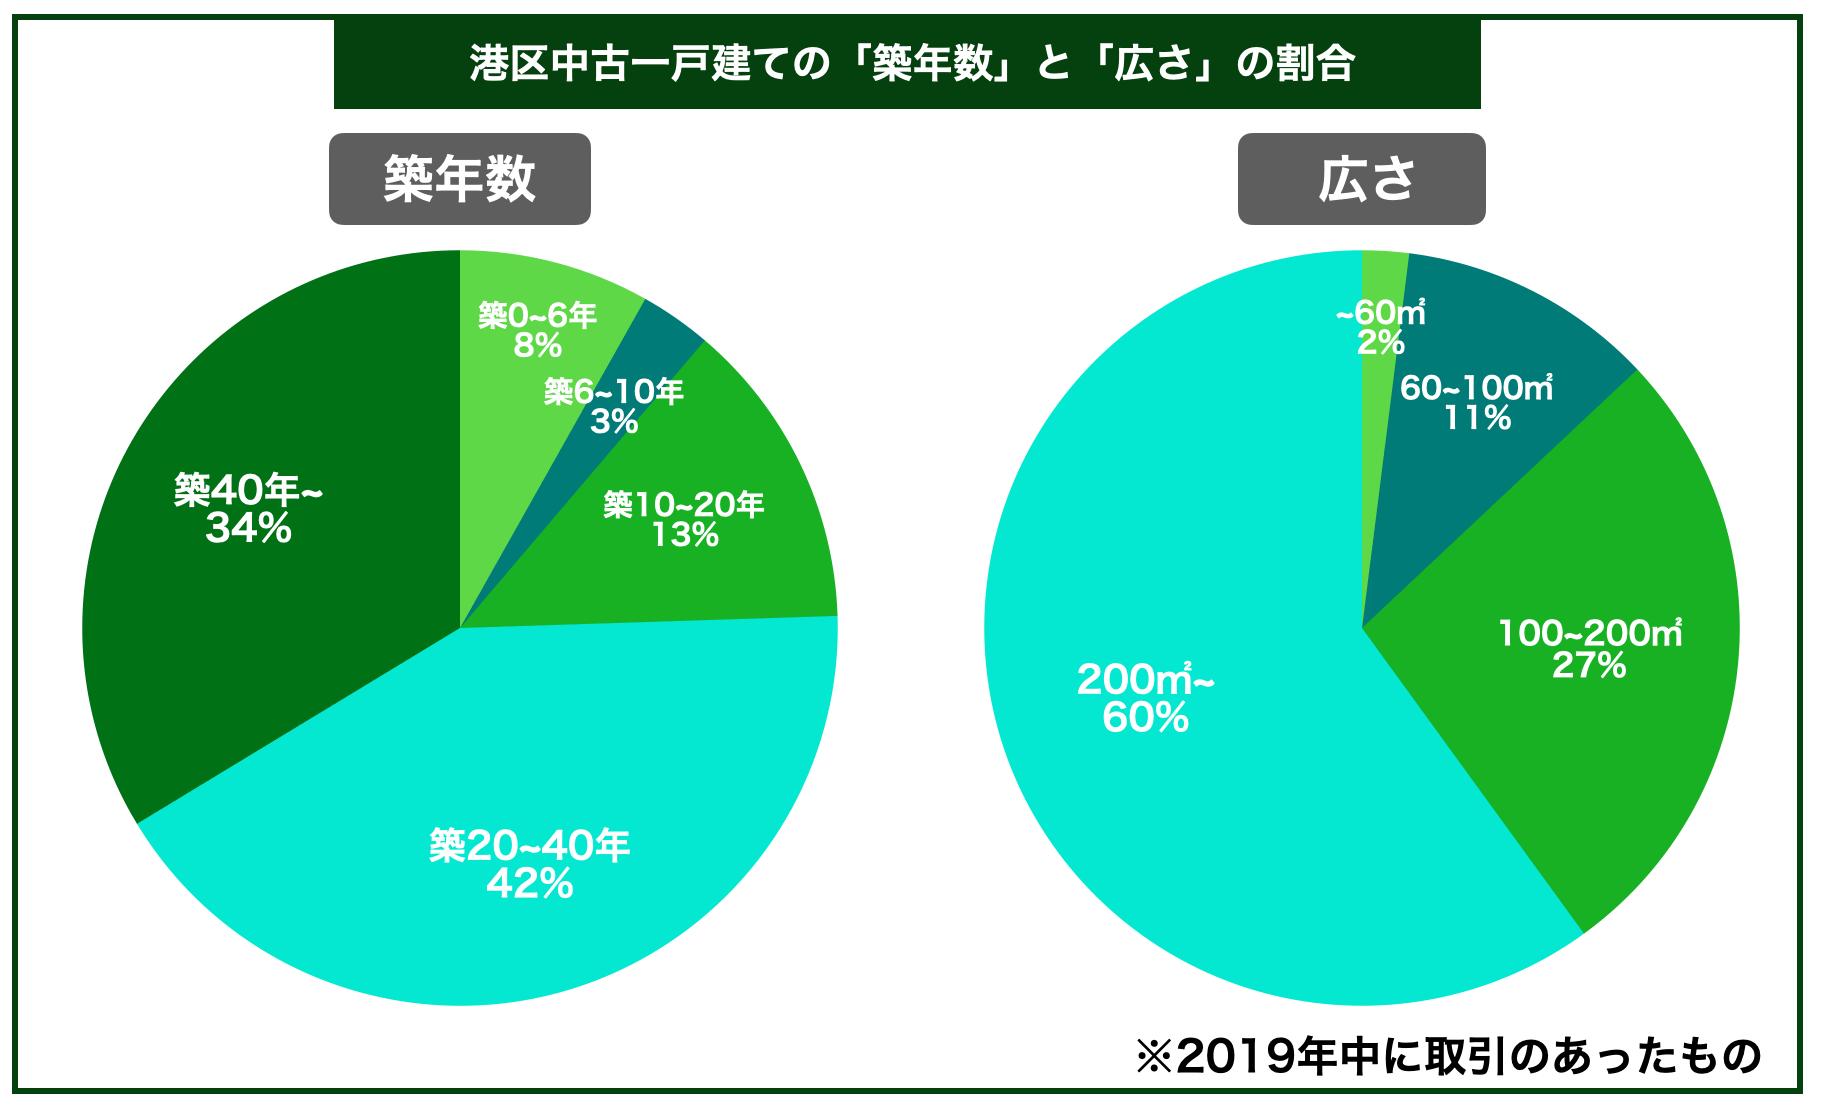 港区中古一戸建ての平均築年数と広さの割合